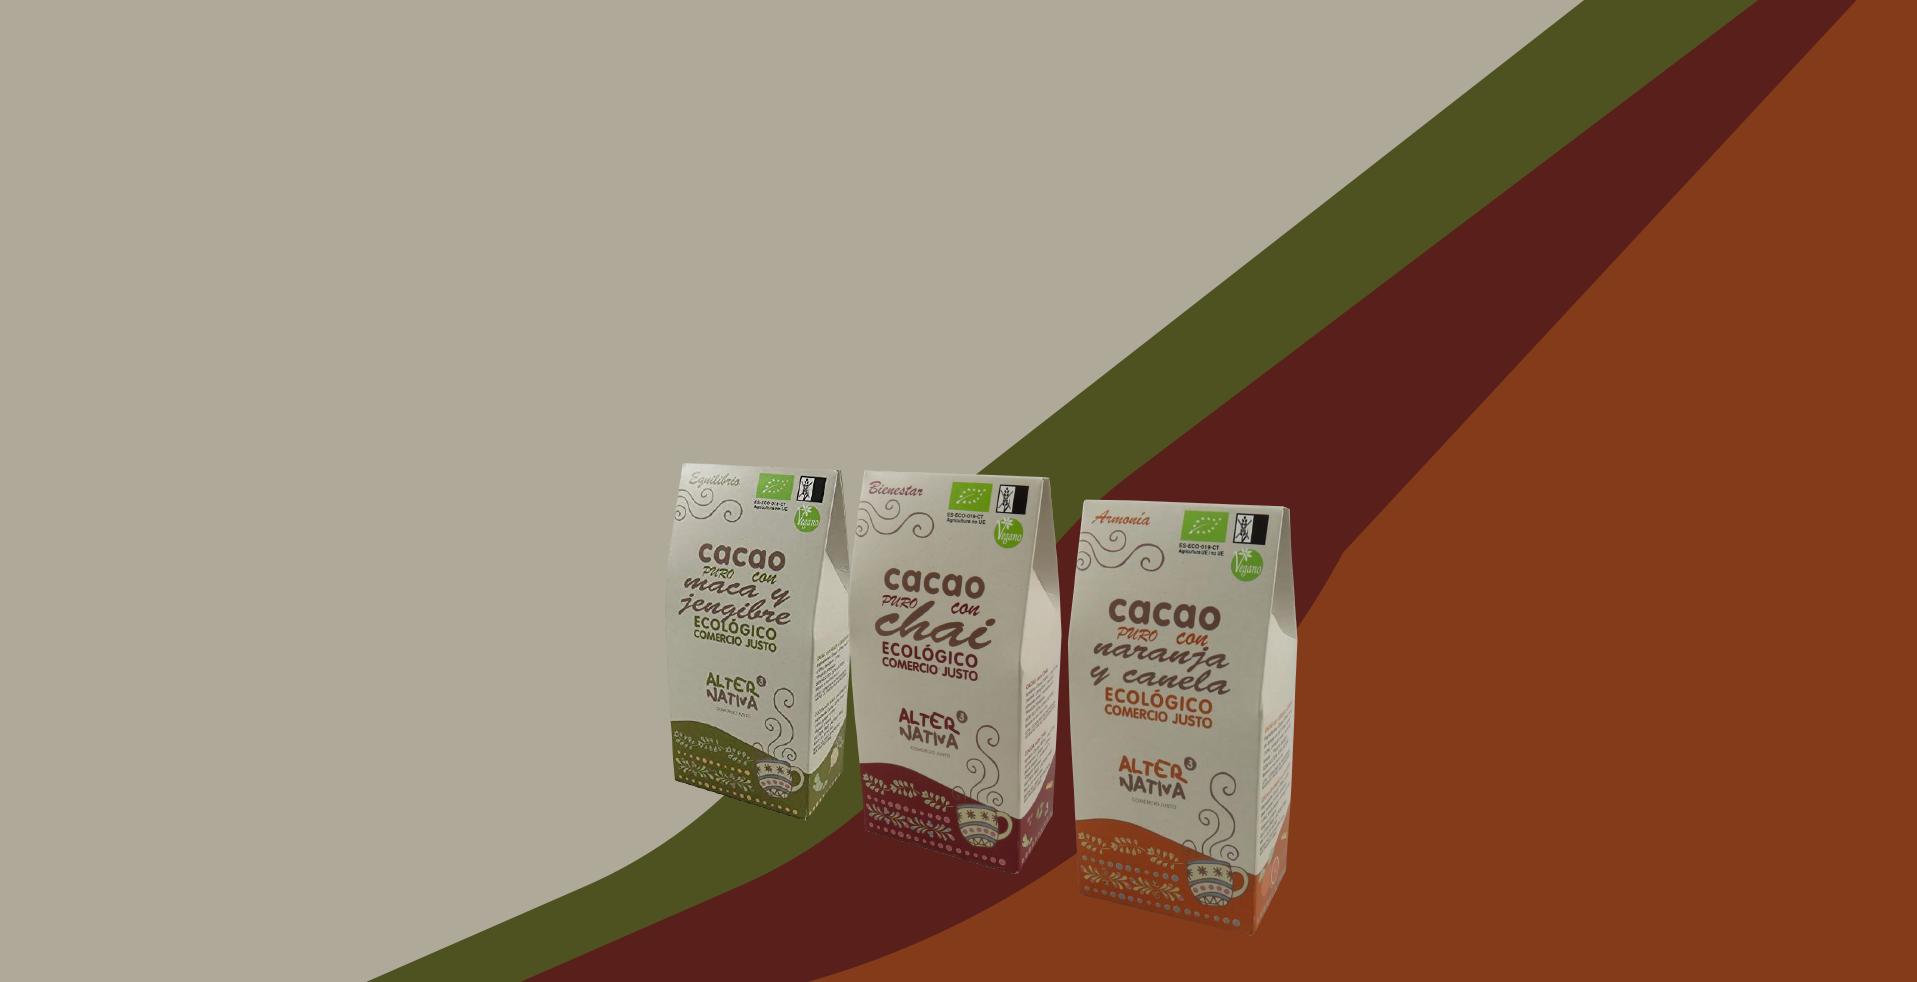 promo cacaos puros